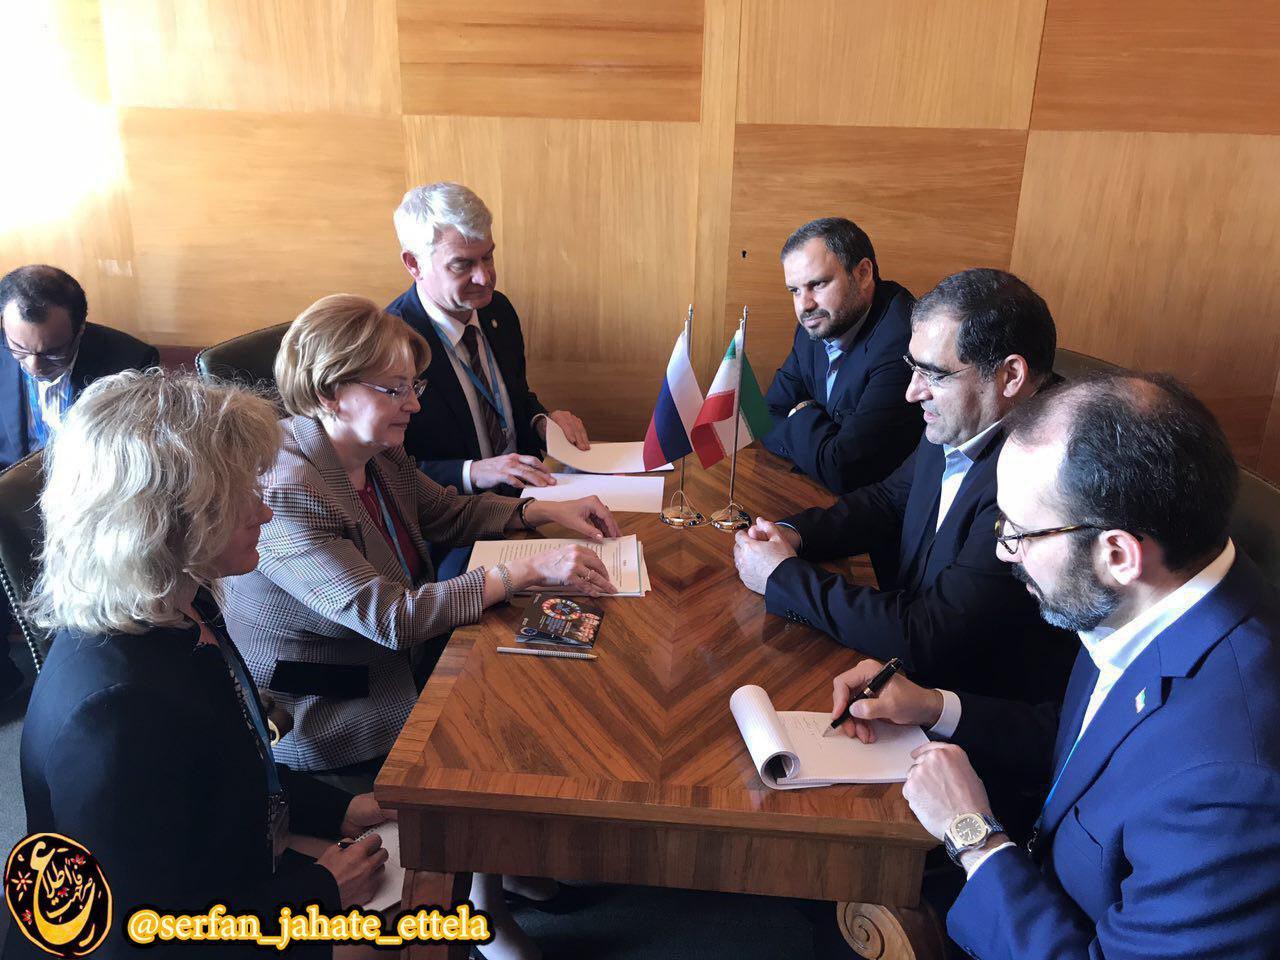 """ديدار هاشمي وزير بهداشت با """"ورونيكا اسكورتسوا"""" وزير بهداشت روسيه"""